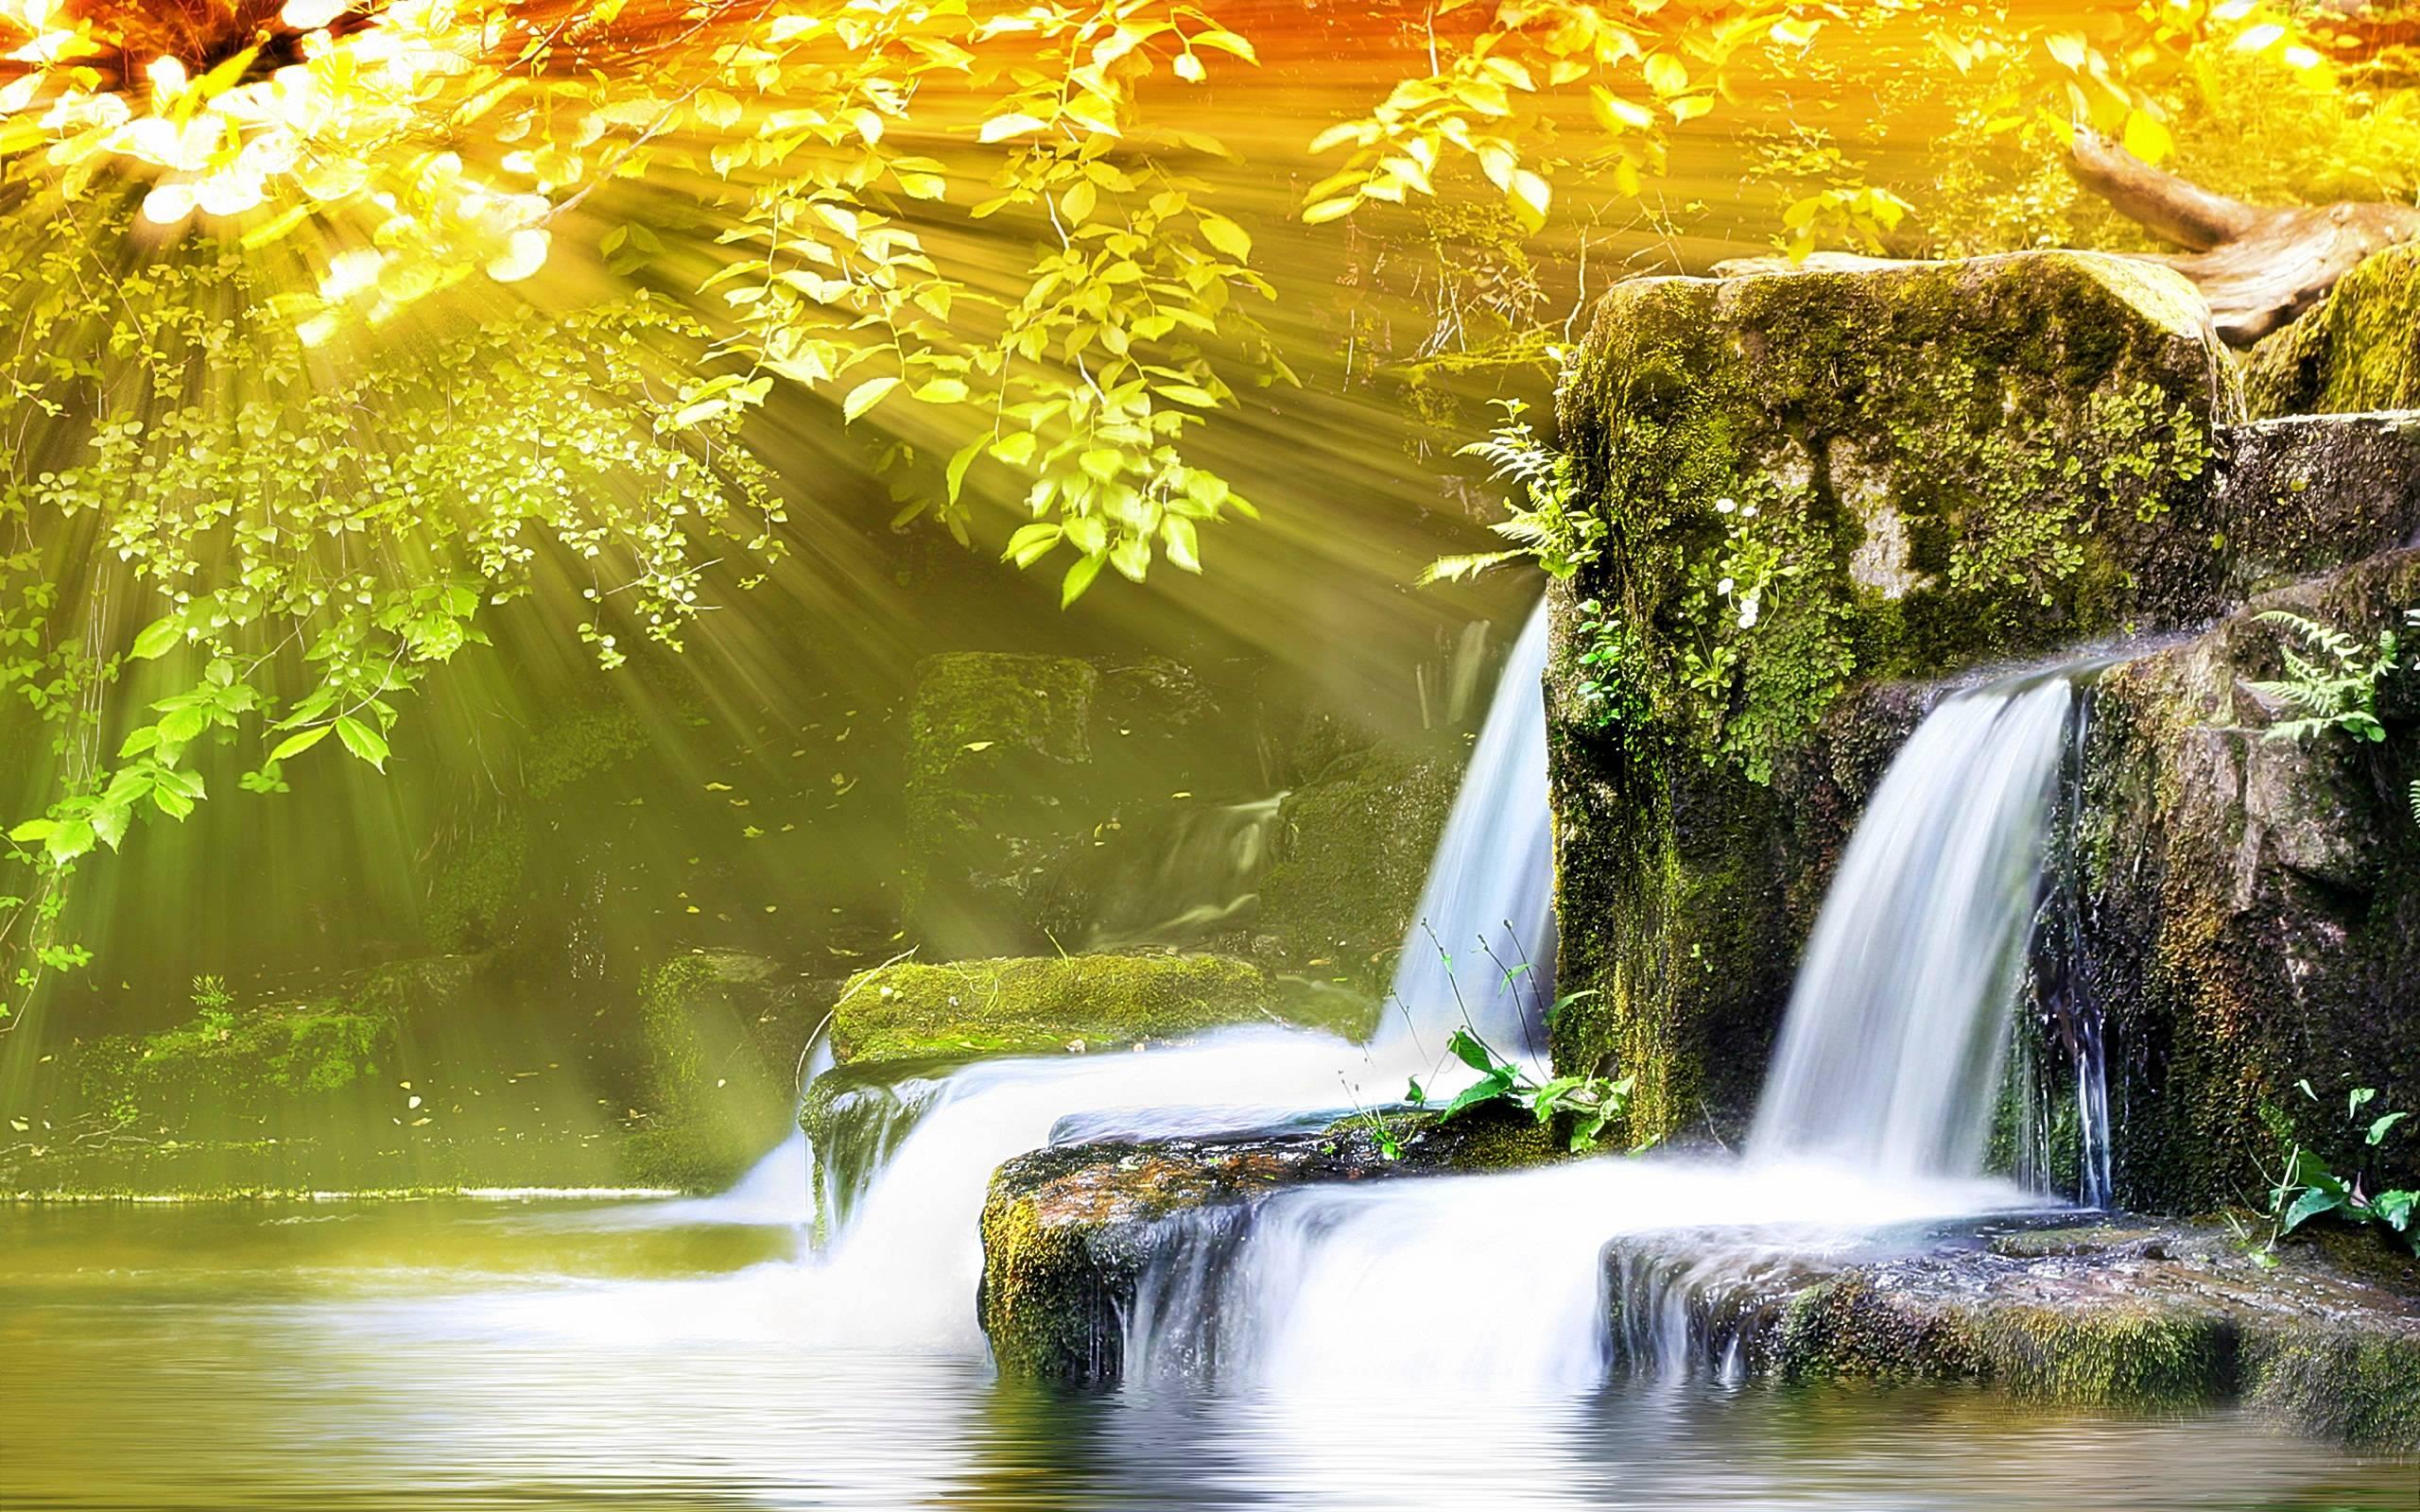 обои на рабочий стол водопады весной № 57859 загрузить